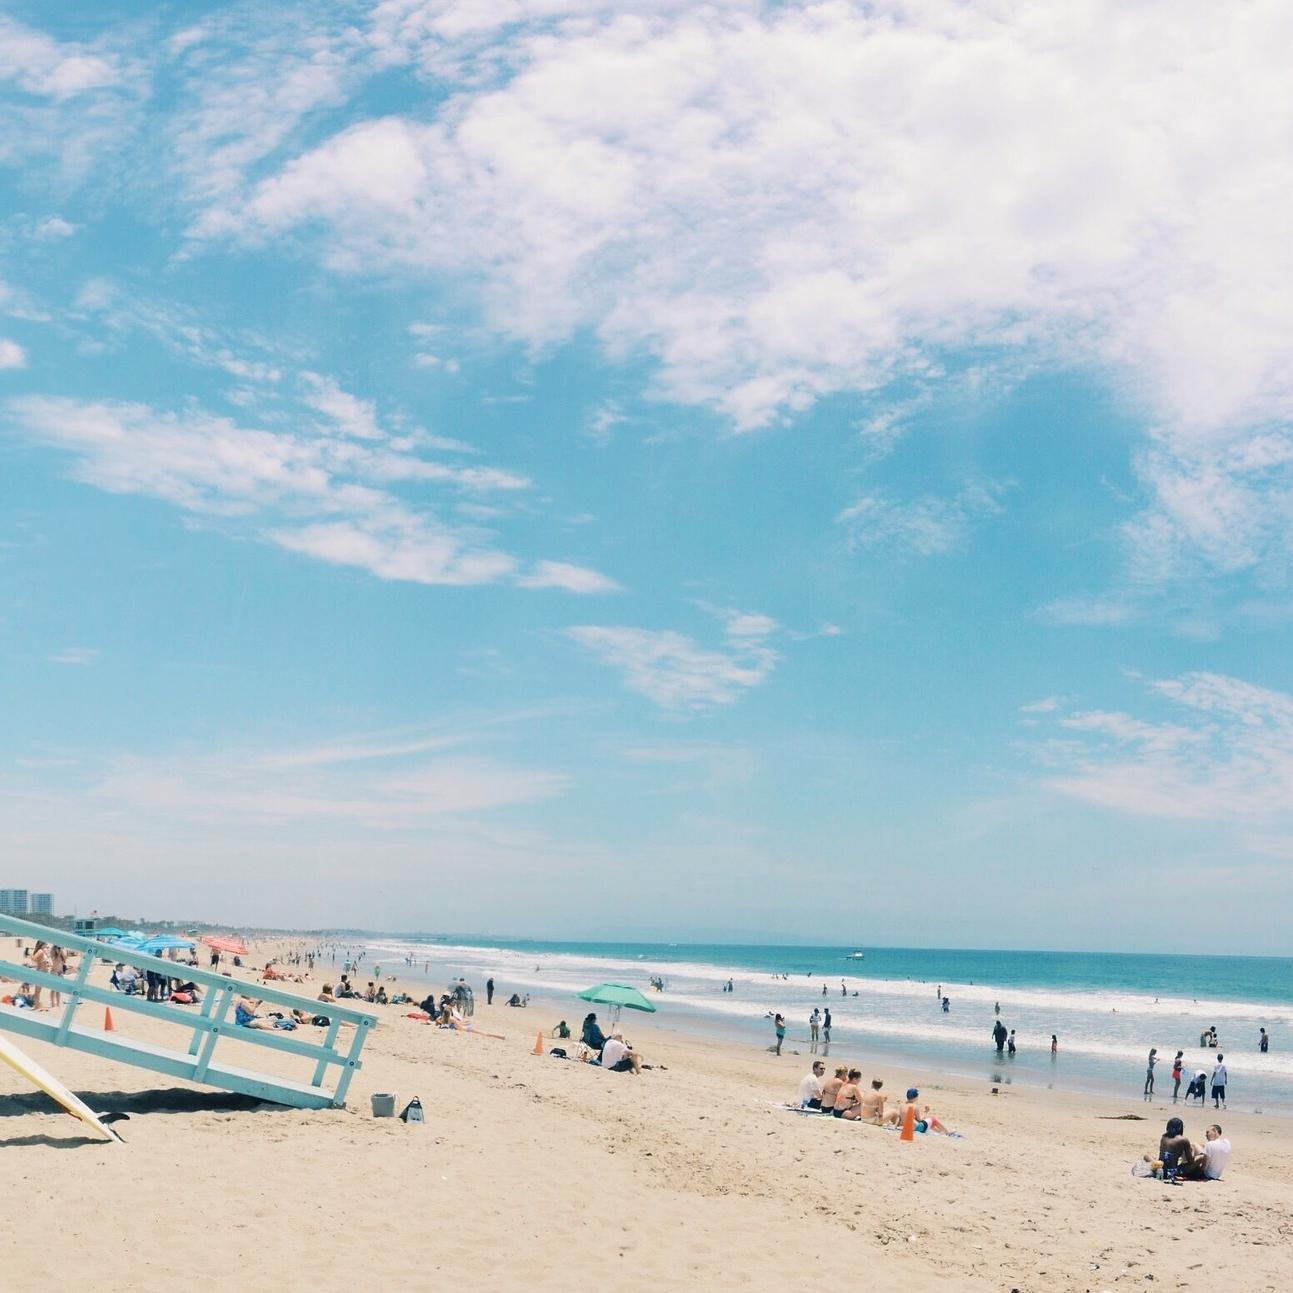 beach-839998_1920.jpg